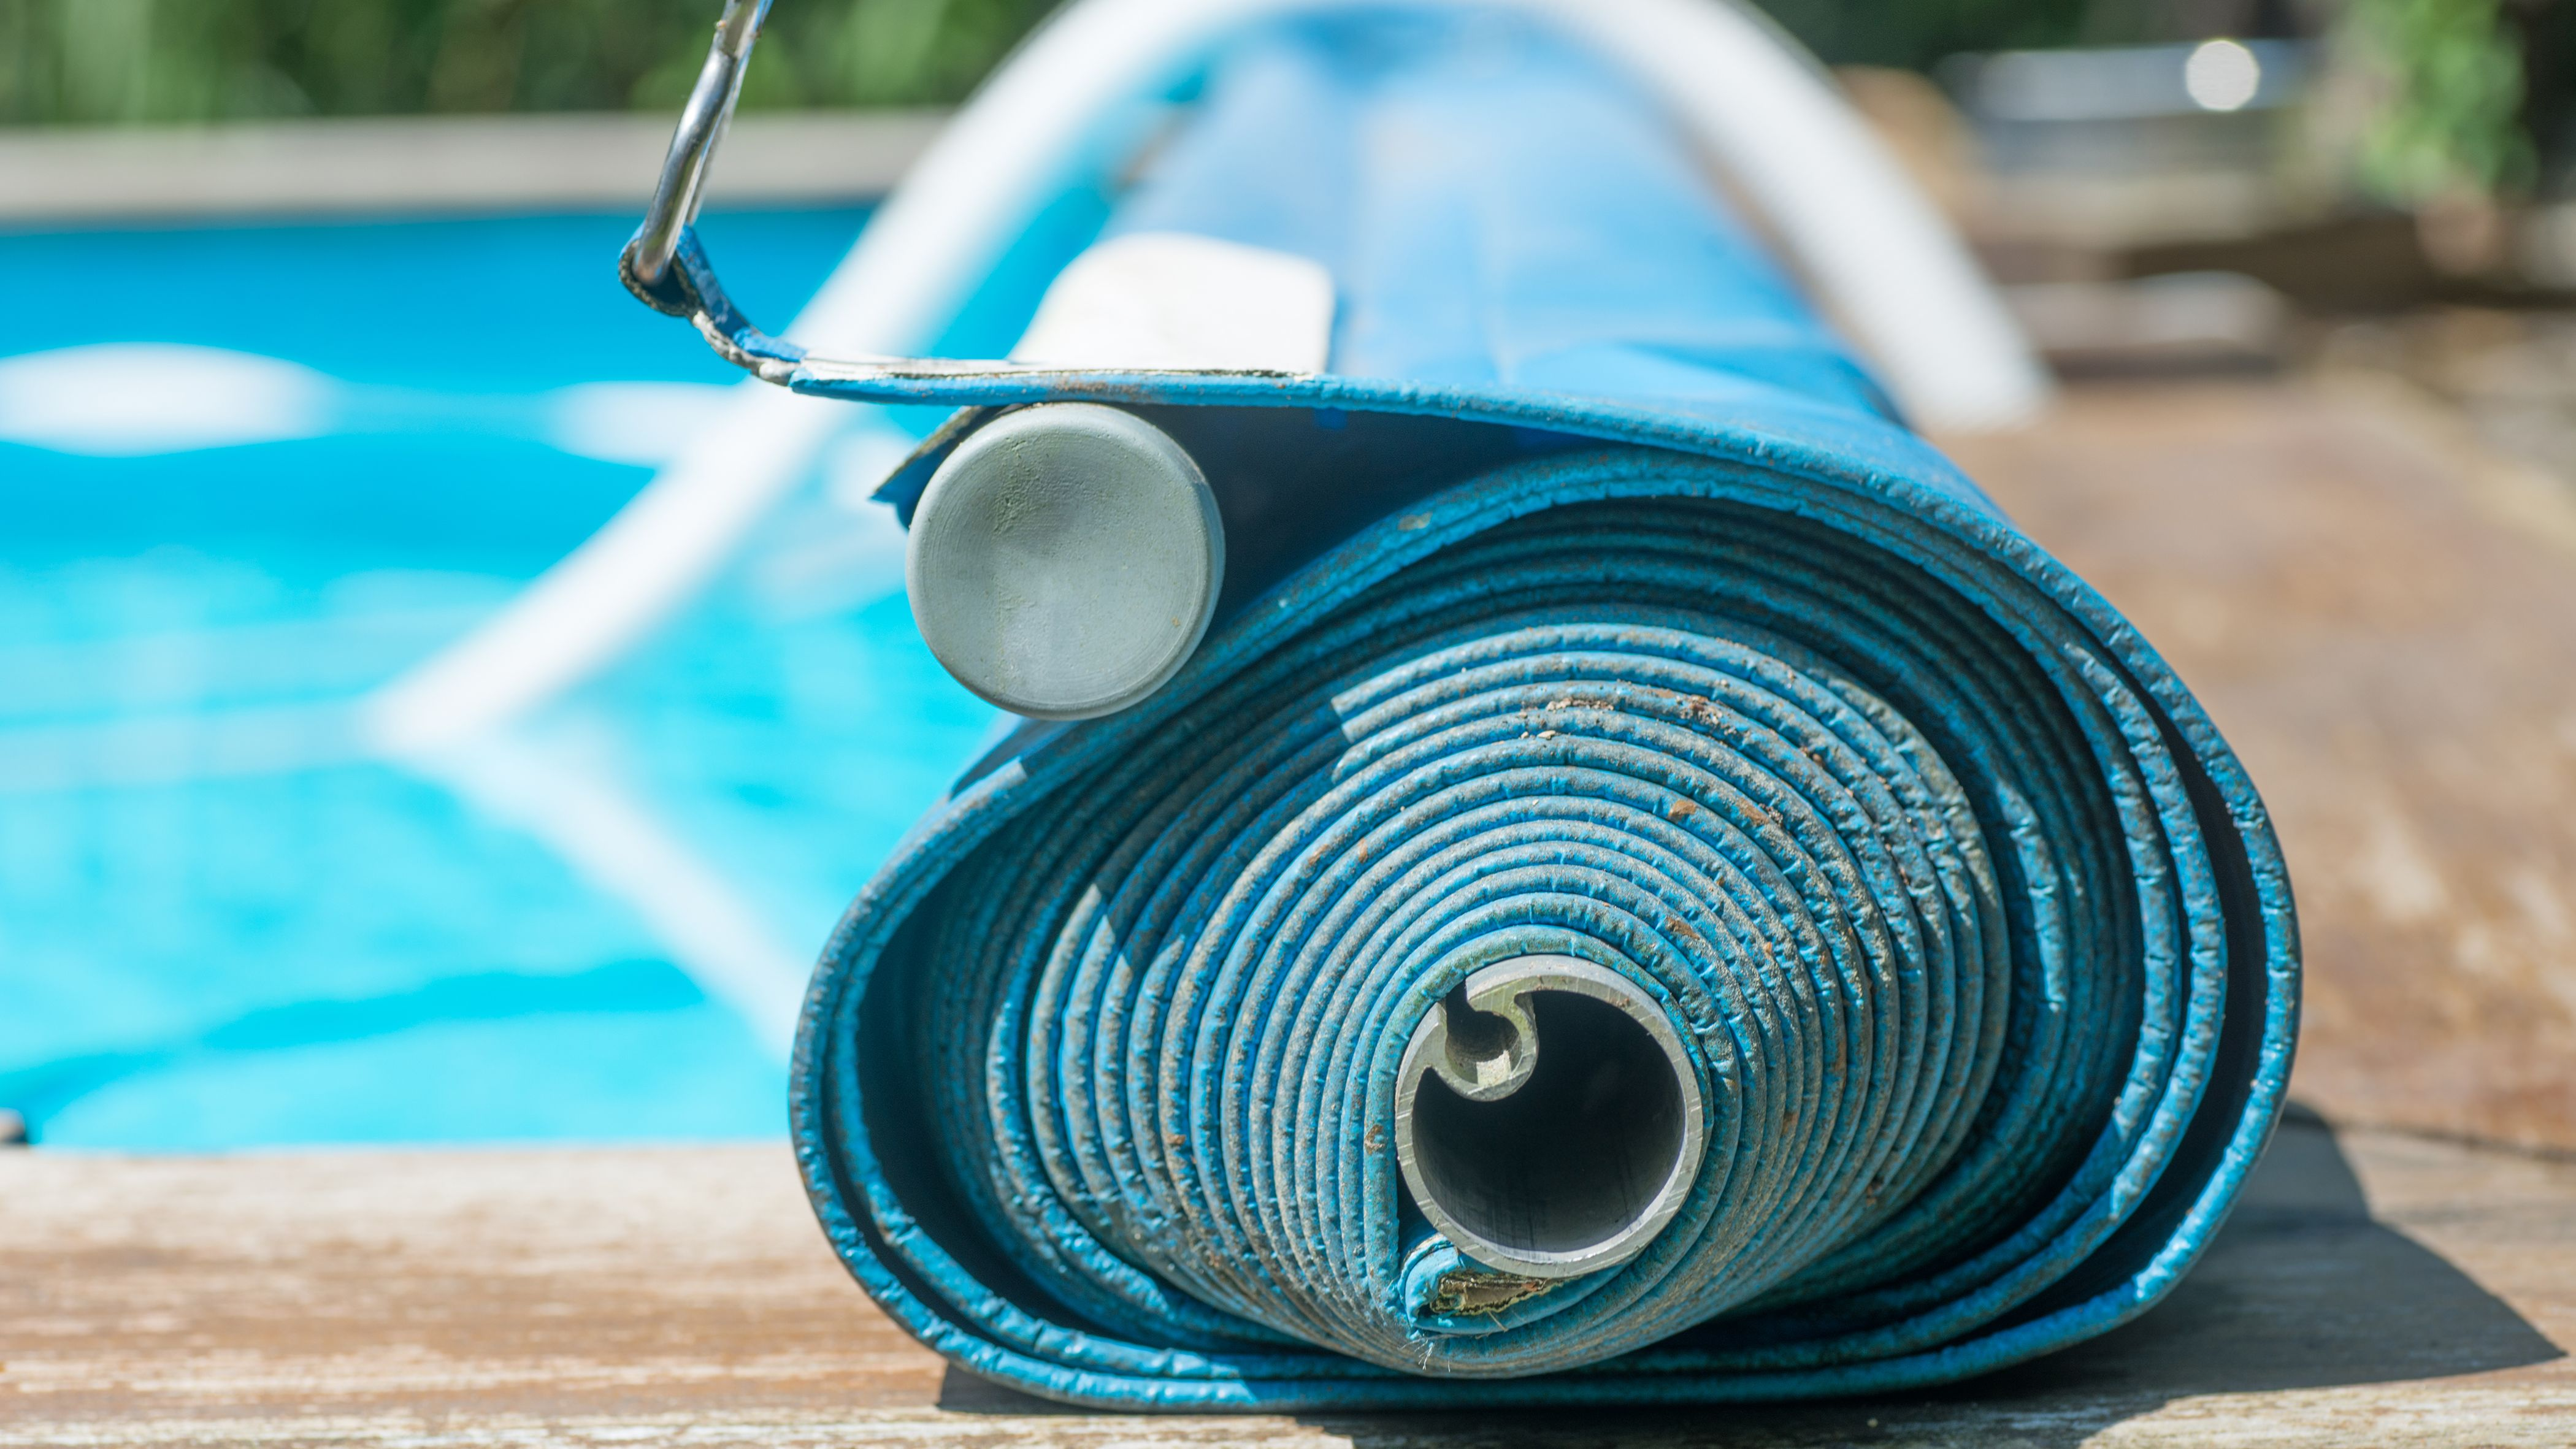 Comment choisir une bâche de piscine ?